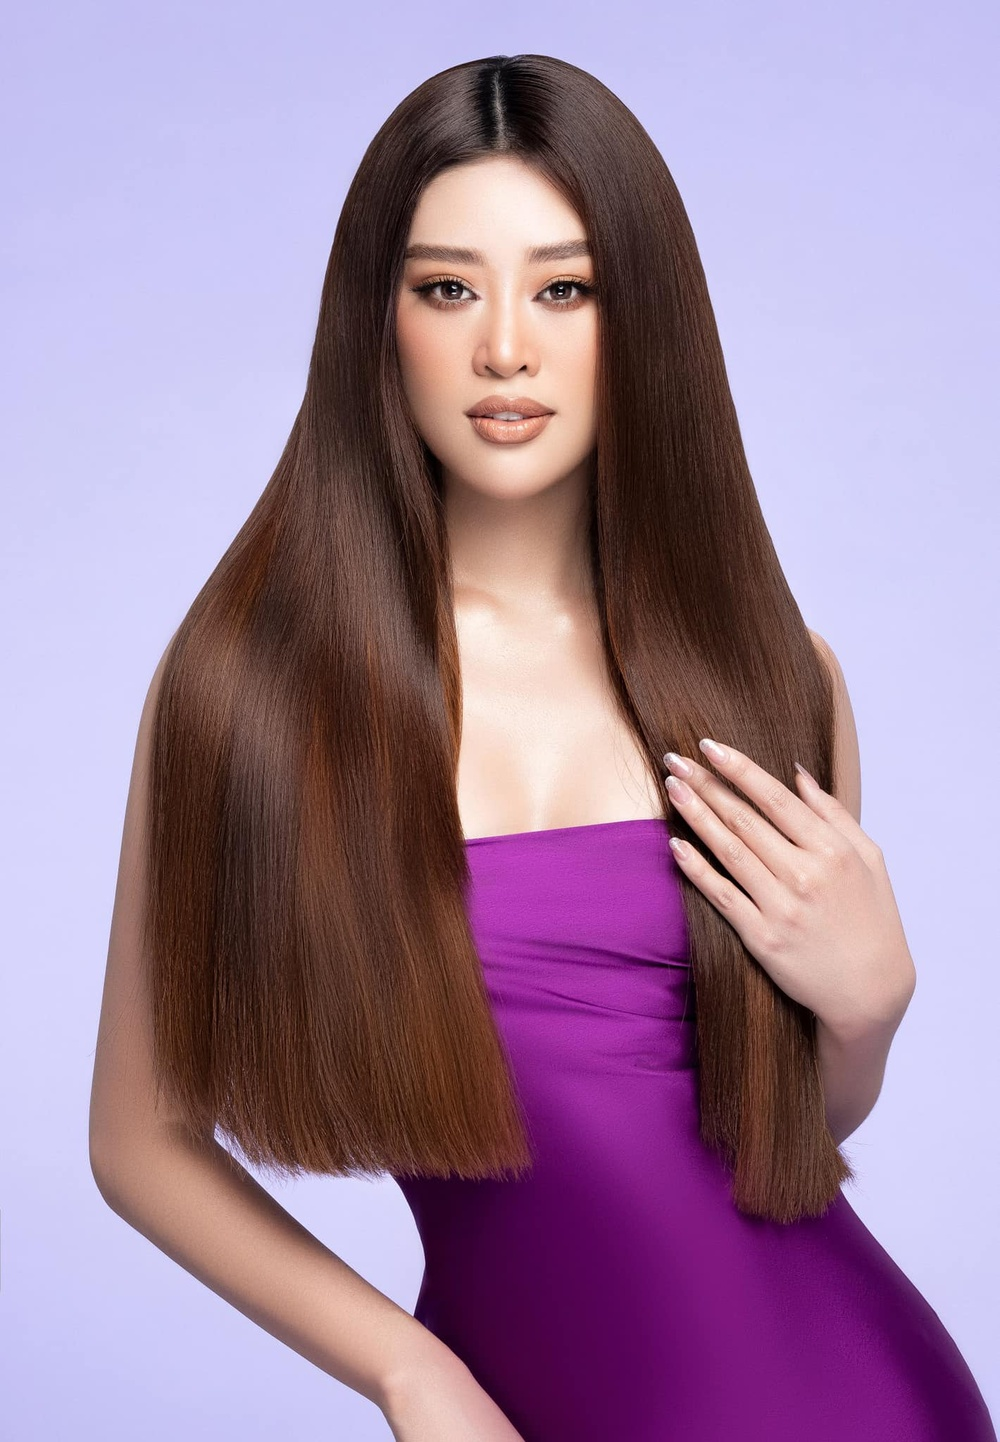 Đại diện Đan Mạch đối đầu Khánh Vân tại Miss Universe: Từng thất bại trước Đỗ Mỹ Linh ở Miss World? Ảnh 8